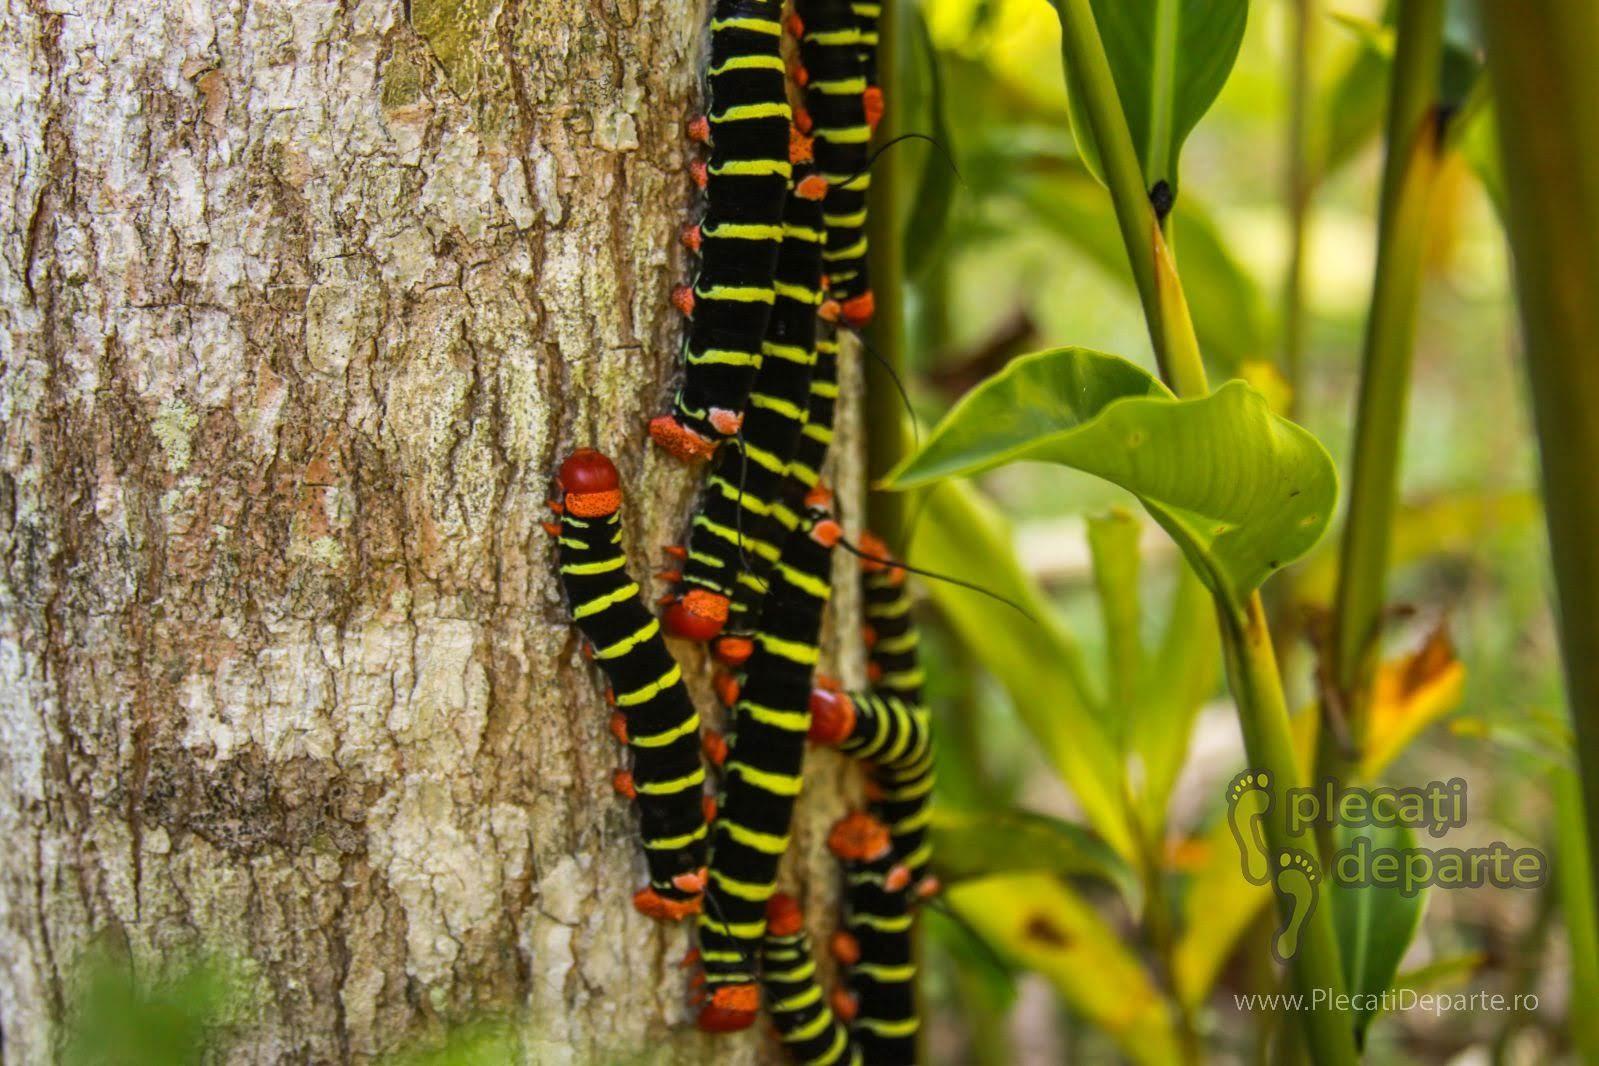 Omizi omida ale unui fluture de noapte, in Tarapoto, Peru. Omida unui fluture de noapte ecuatorial. Caterpillar of a moth in ecuatorial forest, Tarapoto, Peru